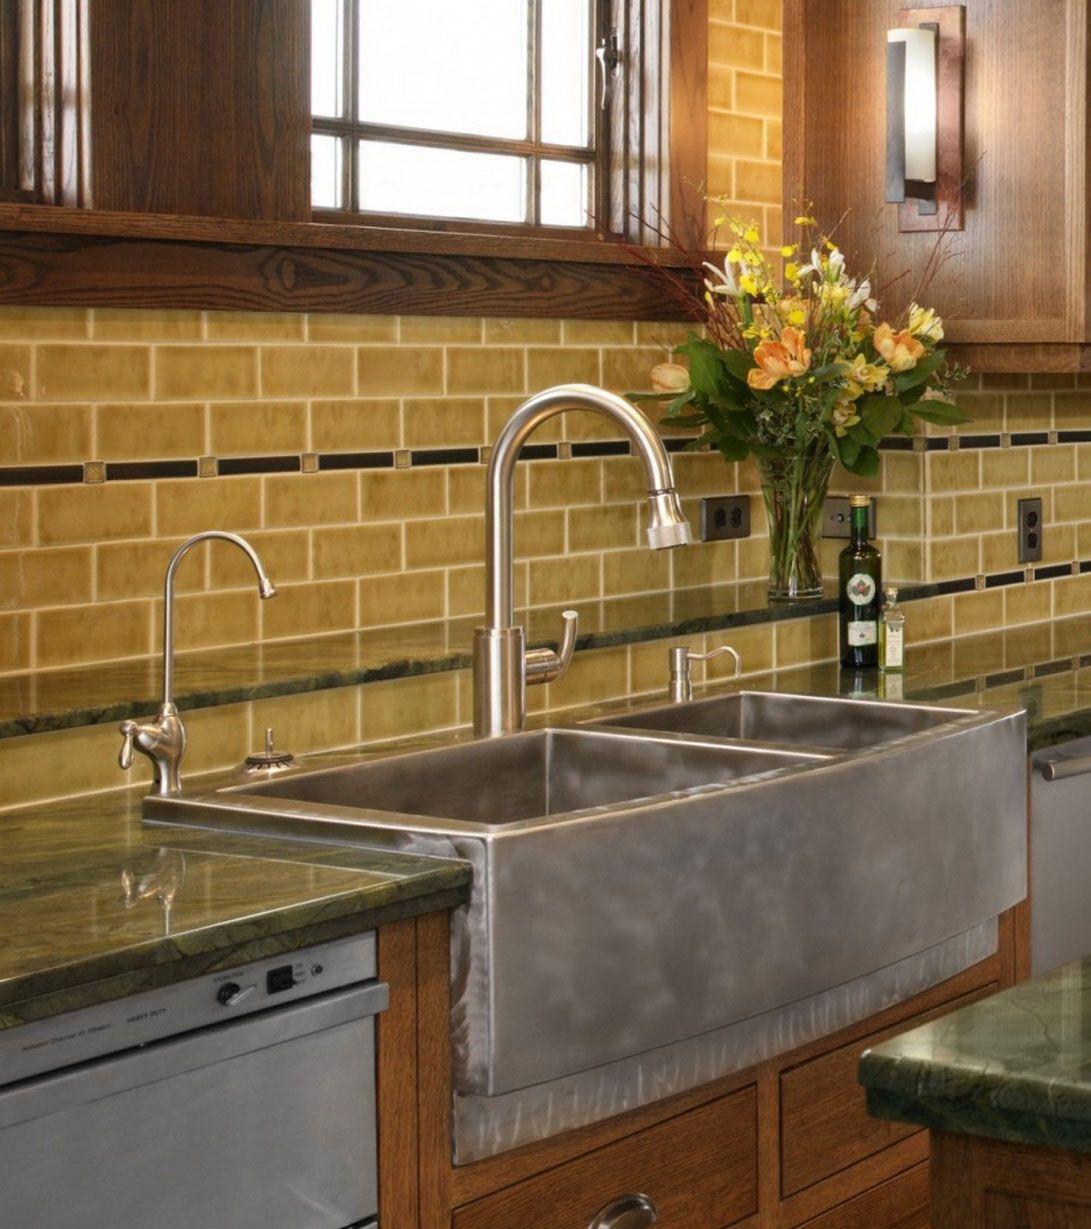 50 Stunning Rustic Kitchen Sink Farmhouse Design Ideas Rustic Kitchen Sinks Small Kitchen Backsplash Kitchen Sink Window